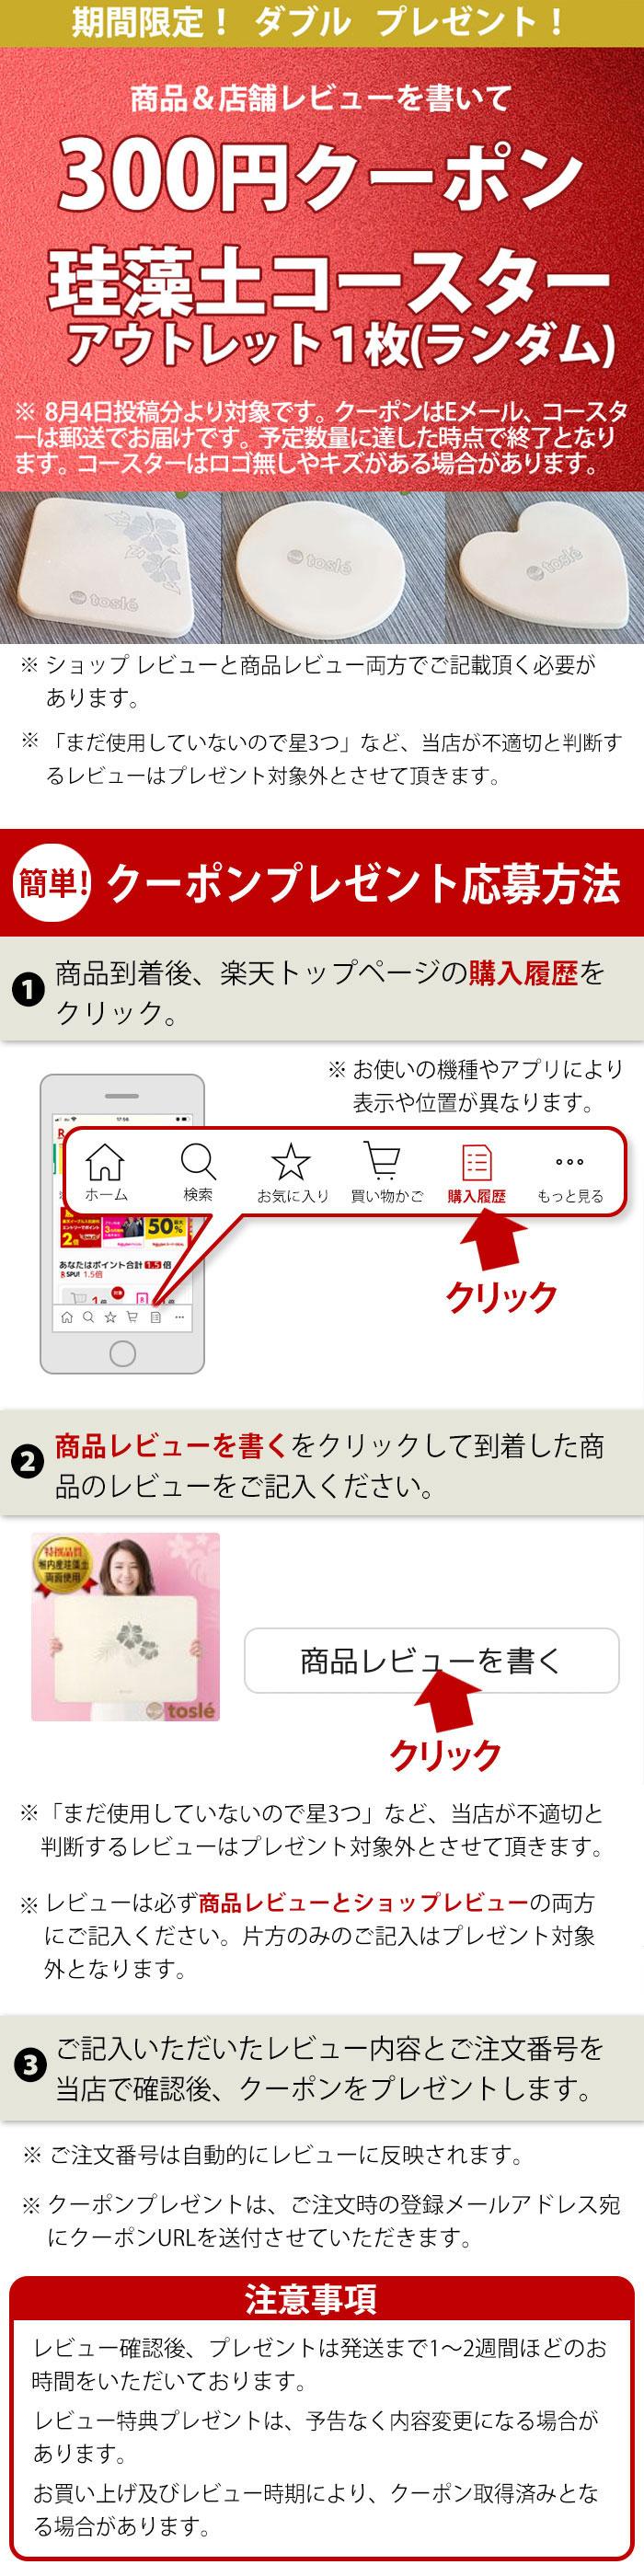 レビューを書いて500円割引クーポン